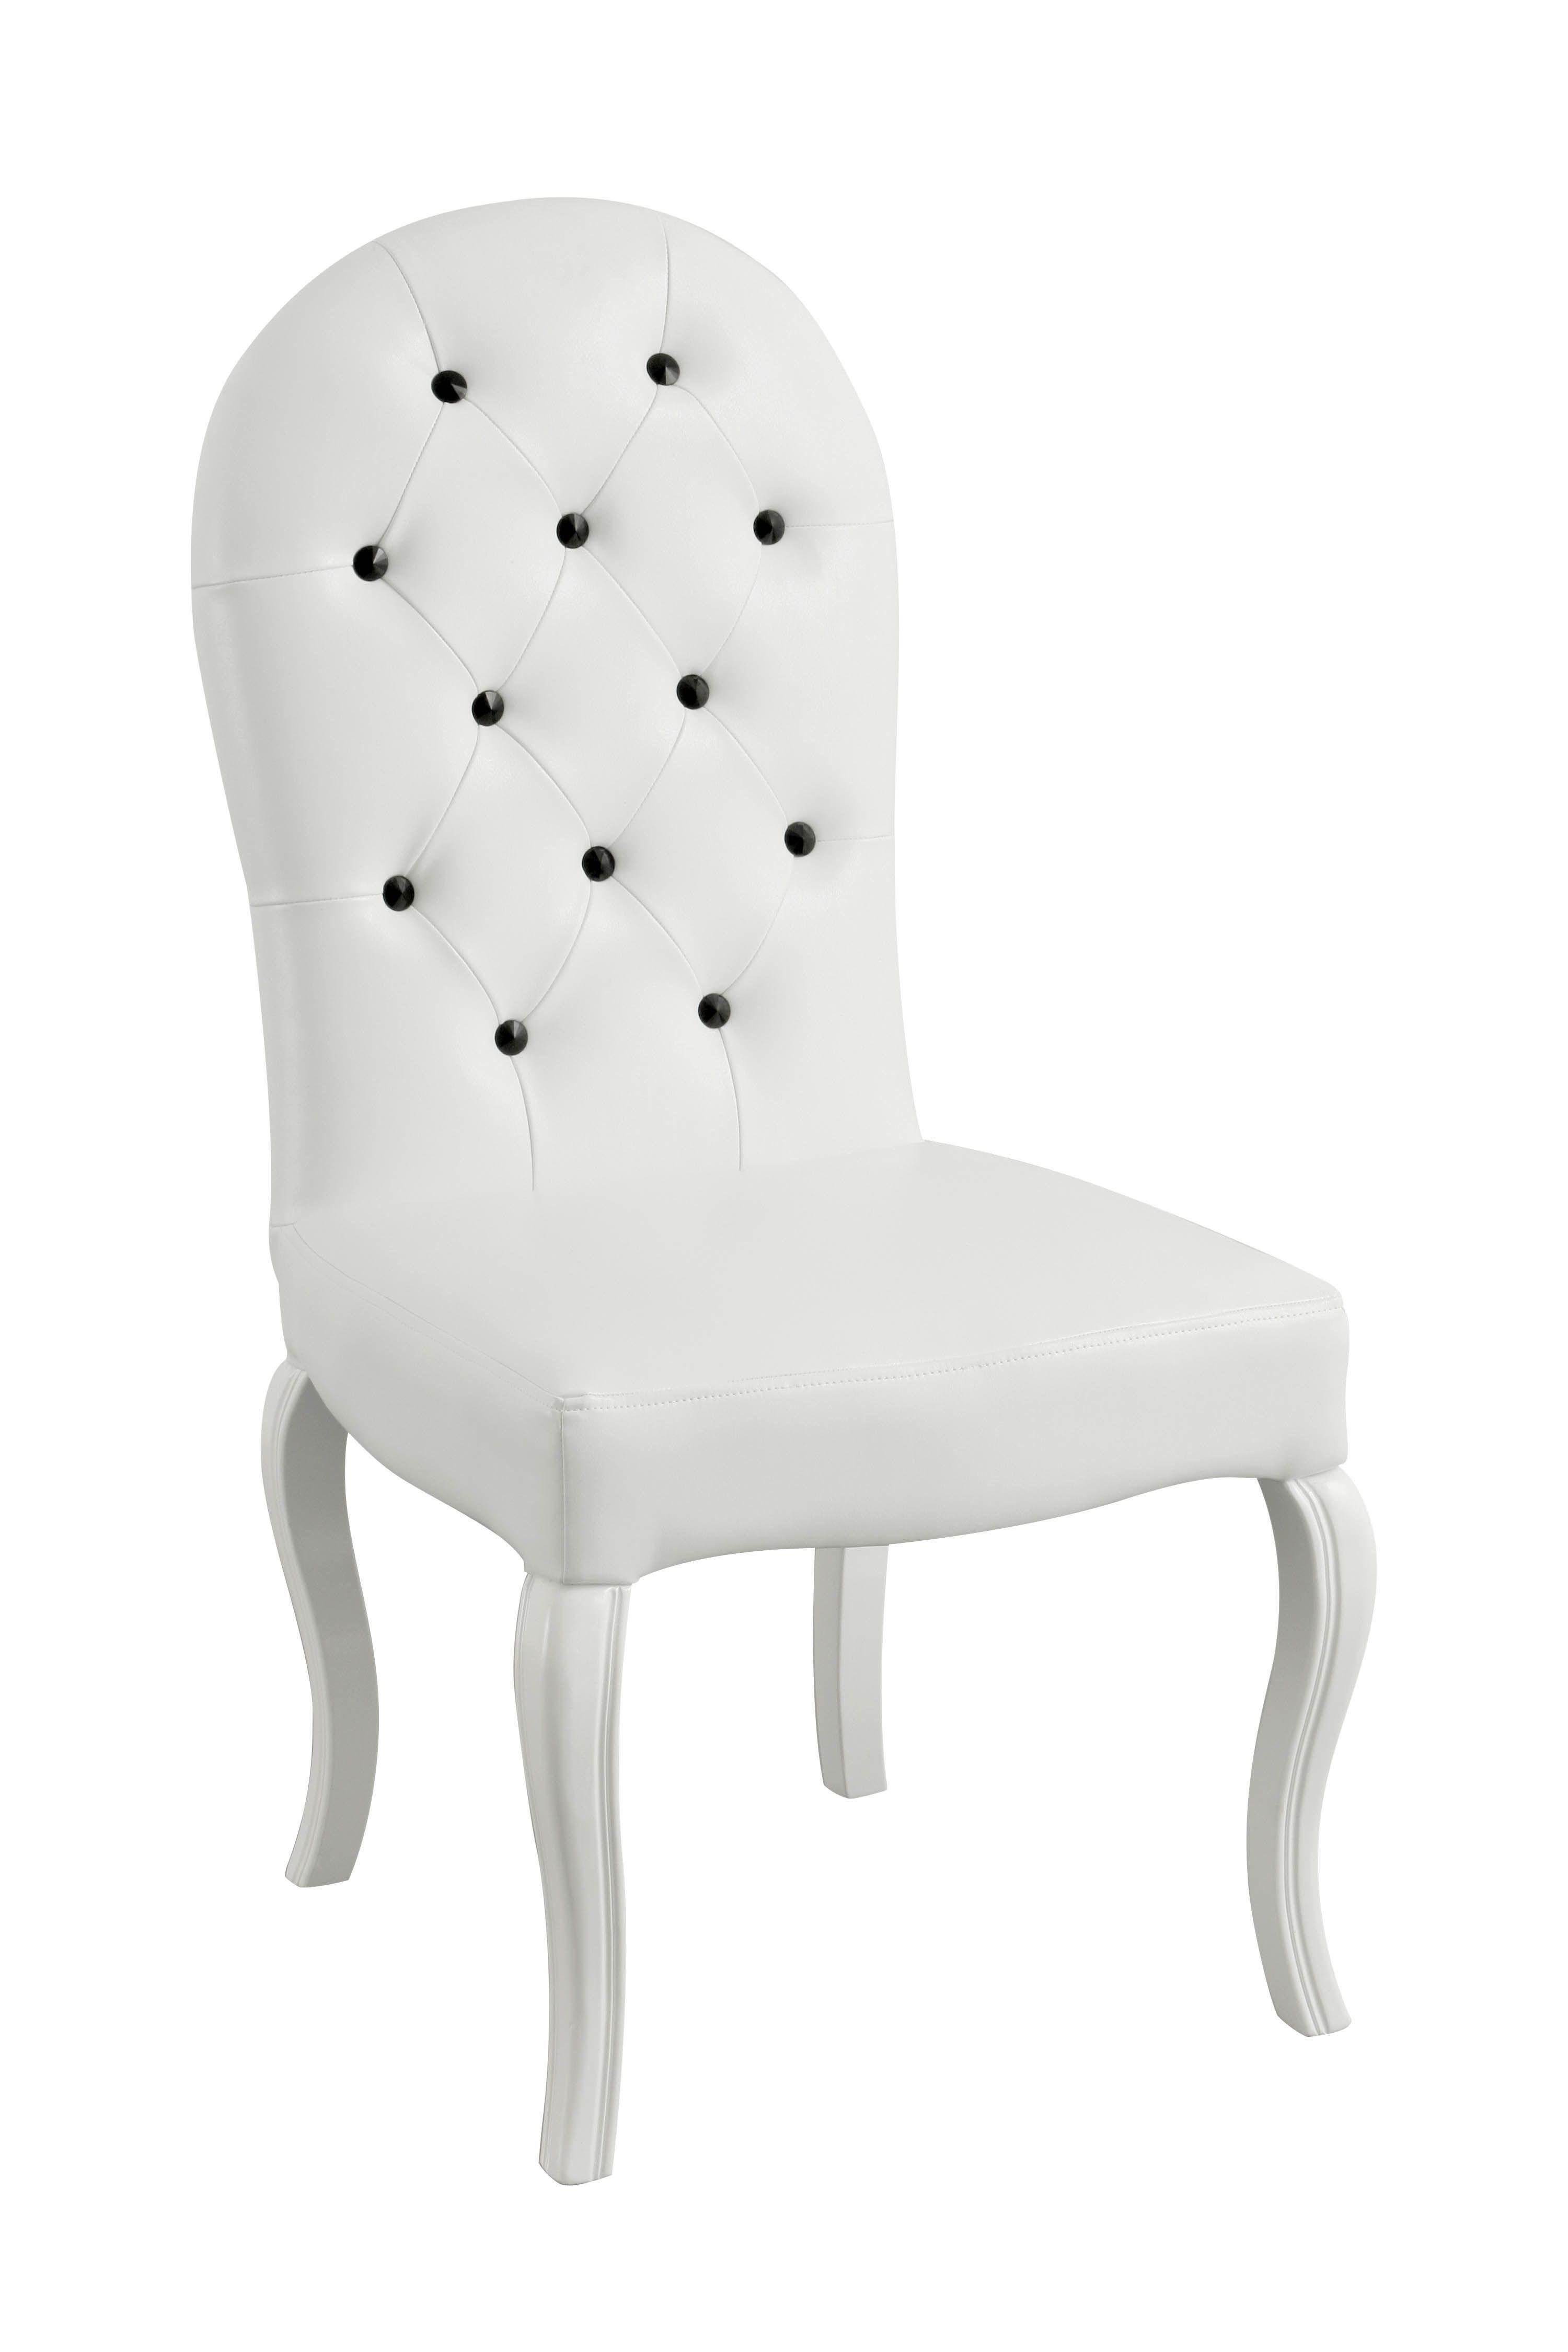 Allure Weiss Esszimmer Stuhl Aus Leder Mit Weissen Beinen Aus Holz Badezimmer Esszimmer Weiss Zimmer Stuhle